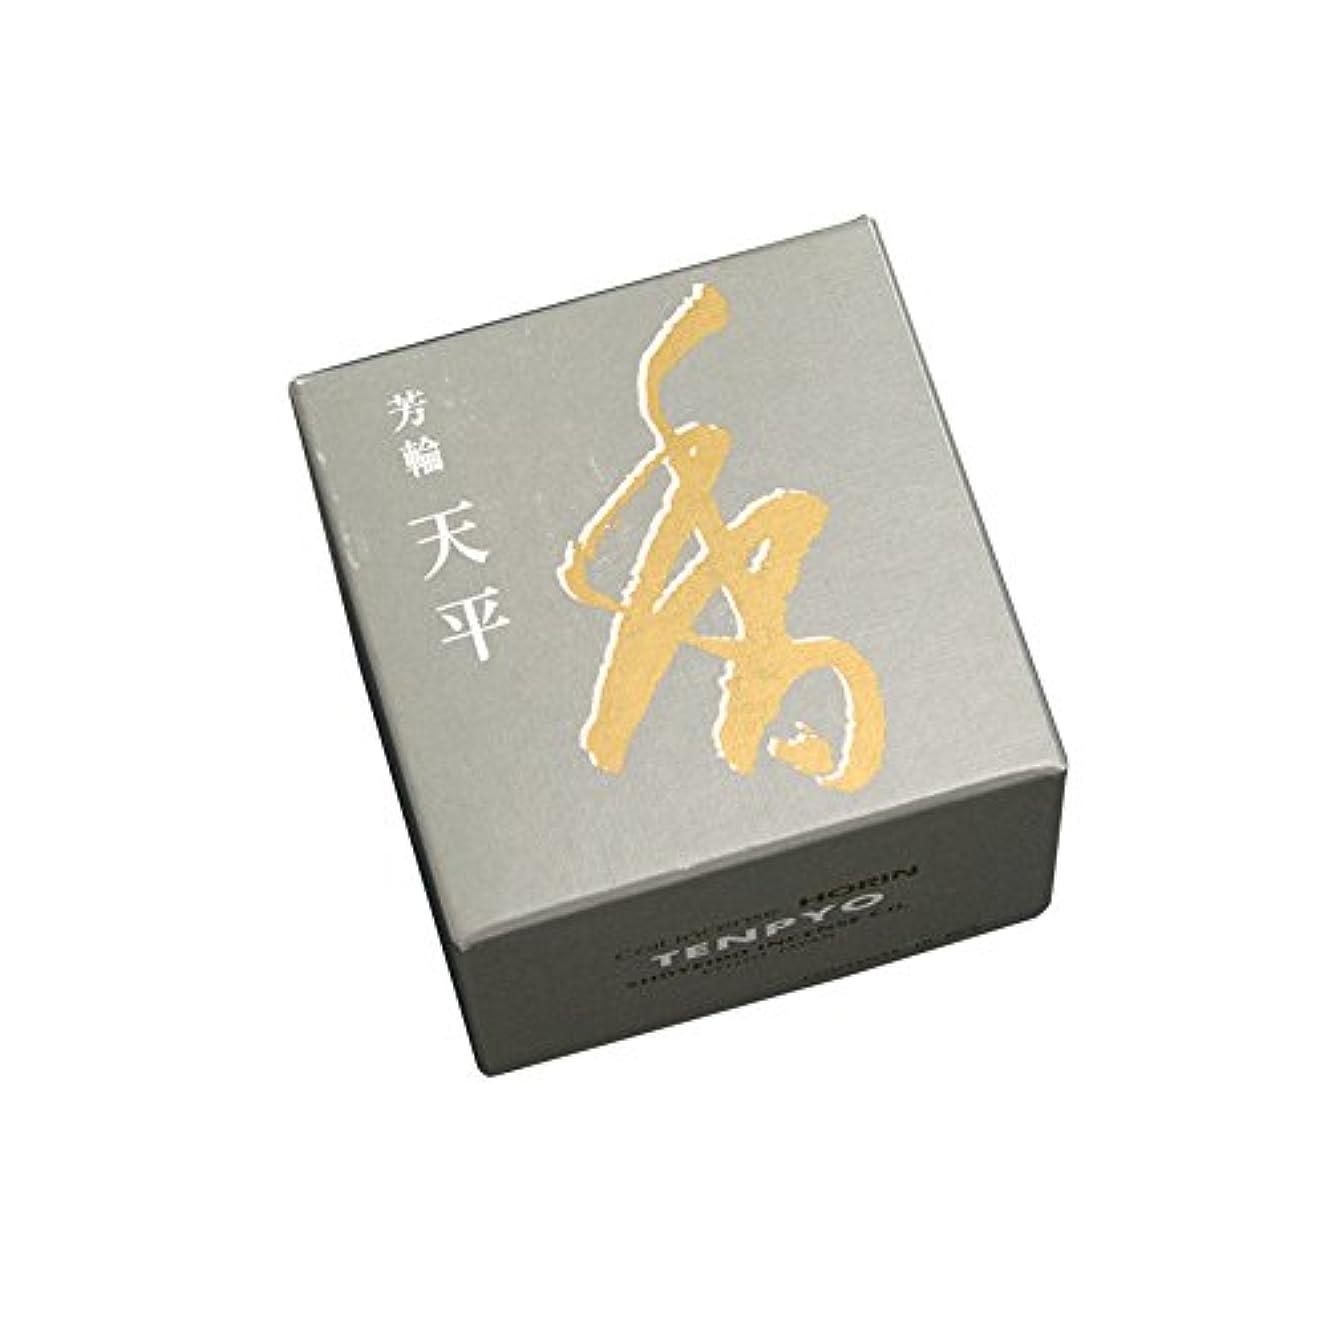 流暢ライラックハンディキャップ松栄堂のお香 芳輪天平 渦巻型10枚入 うてな角型付 #210521